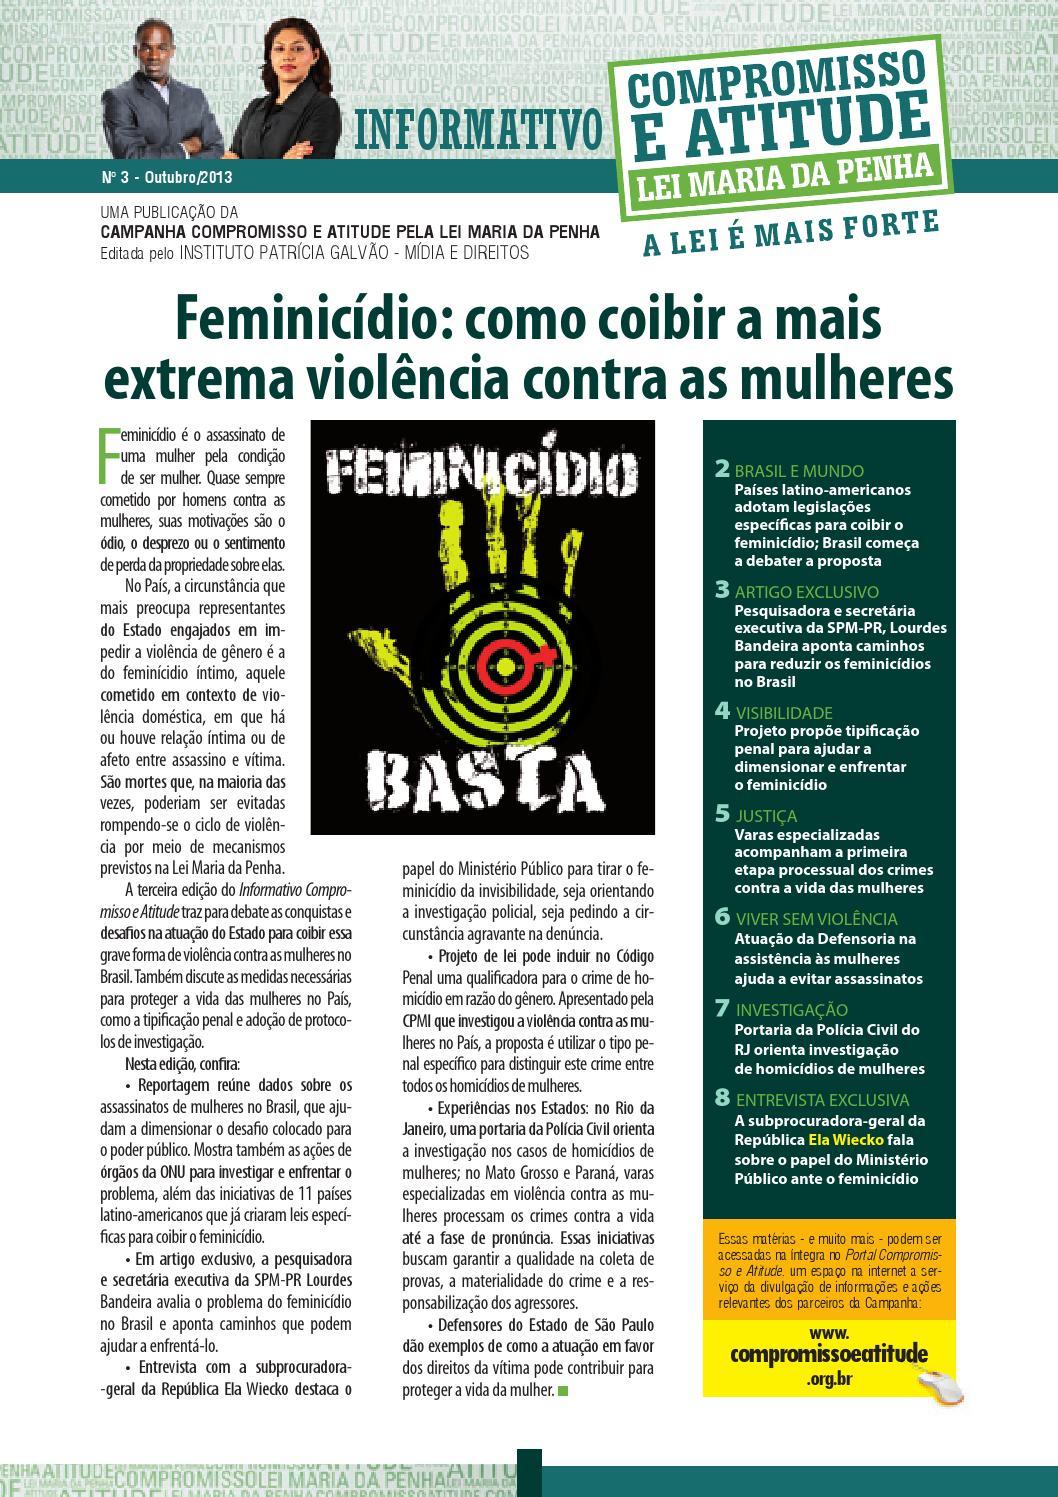 A Primeira Bandeira Do Brasil Republica informativo compromisso e atitude - 3ª ediçãocompromisso